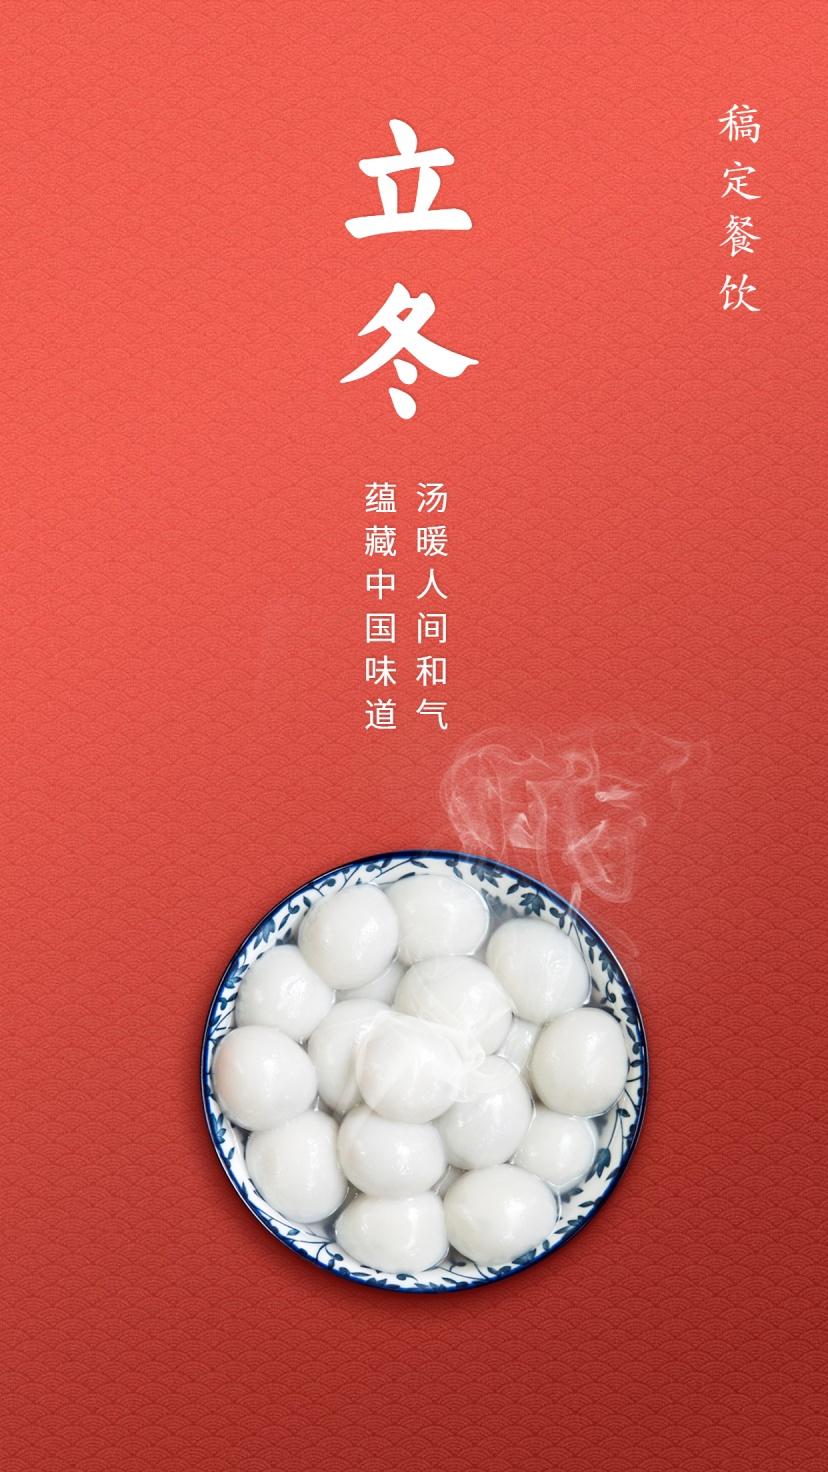 立冬汤圆/餐饮美食/简约喜庆/手机海报